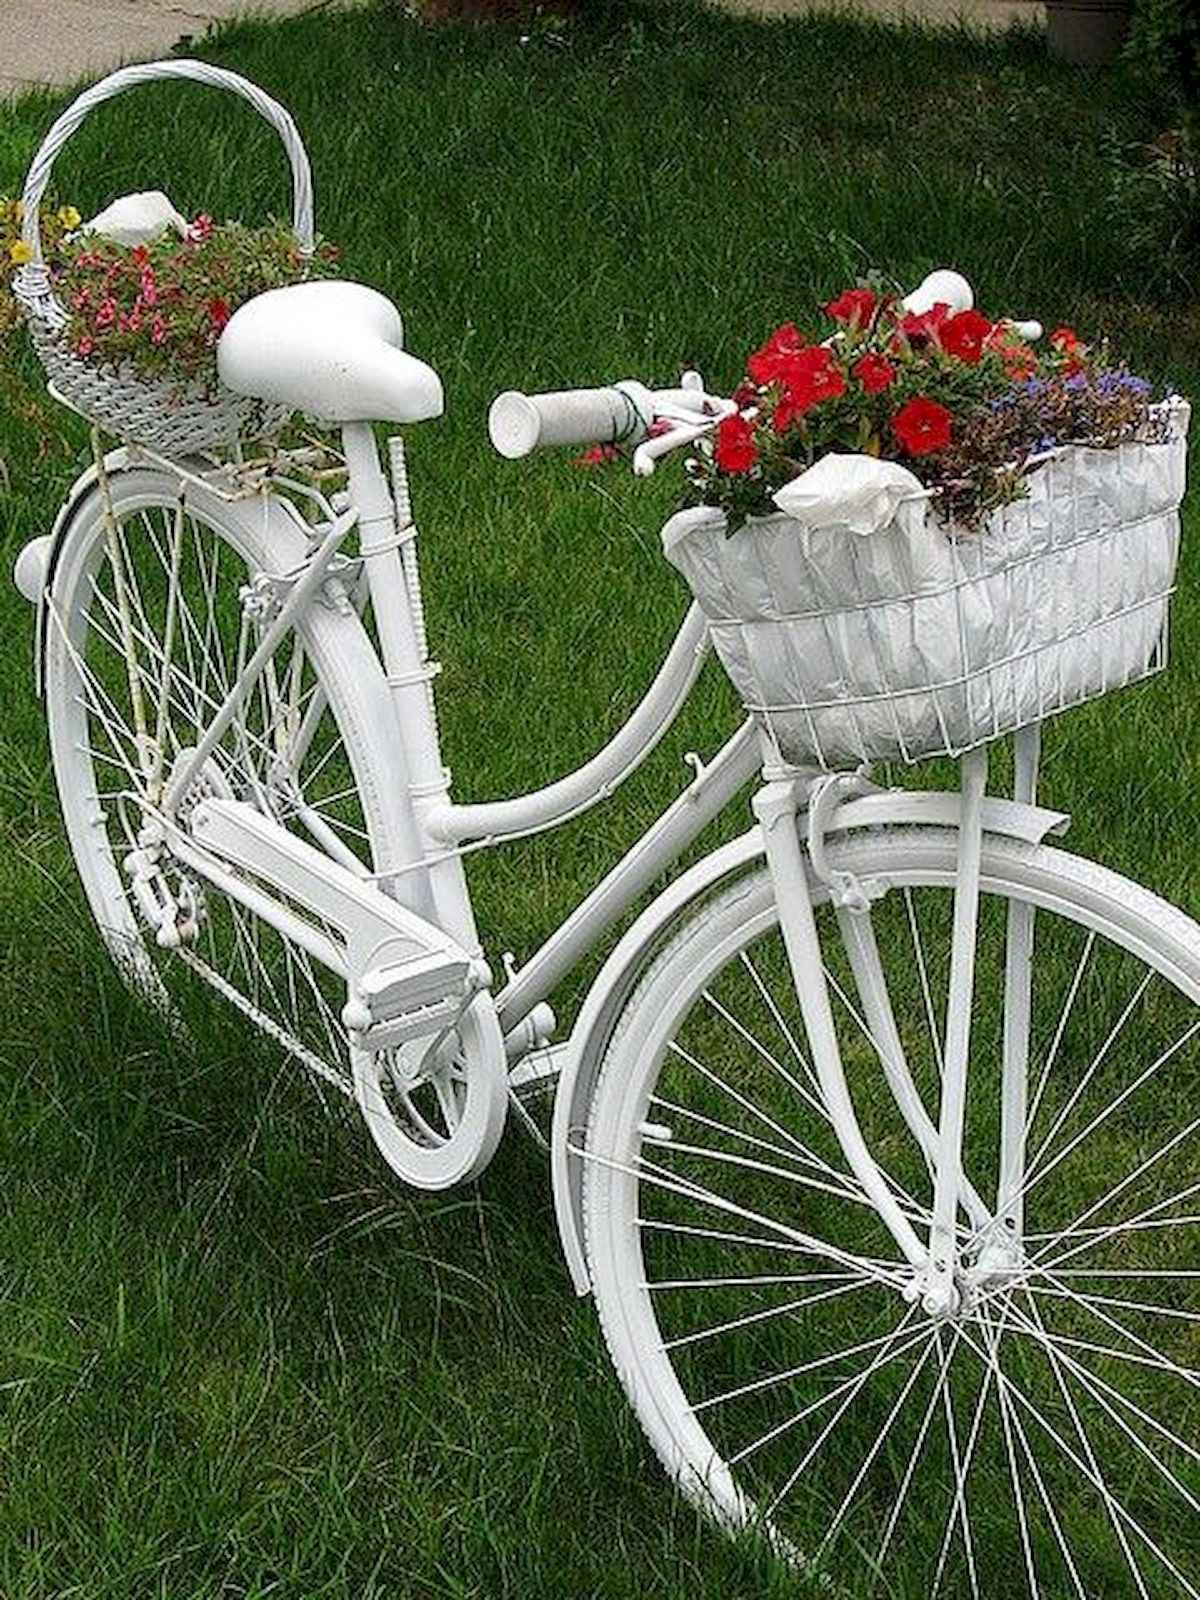 70 Creative and Inspiring Garden Art From Junk Design Ideas For Summer (17)